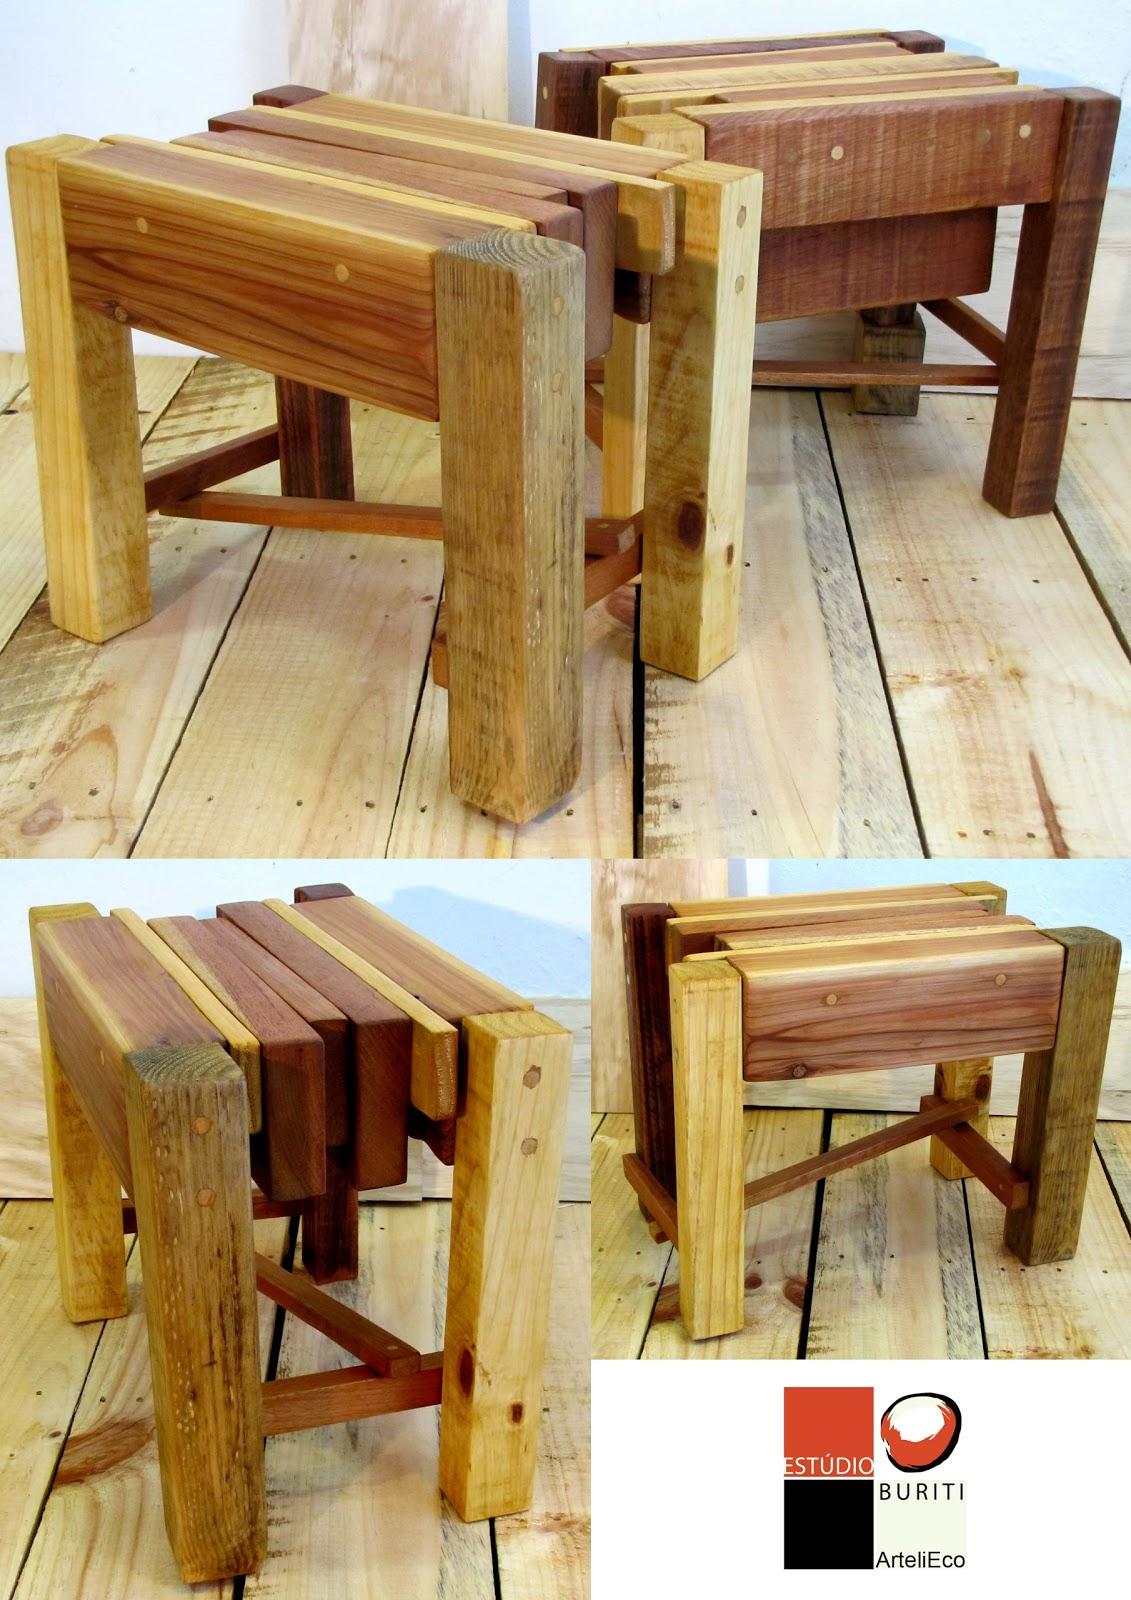 Bancos feitos com madeiras provenientes de refugo industrial pallets e  #AC371F 1131x1600